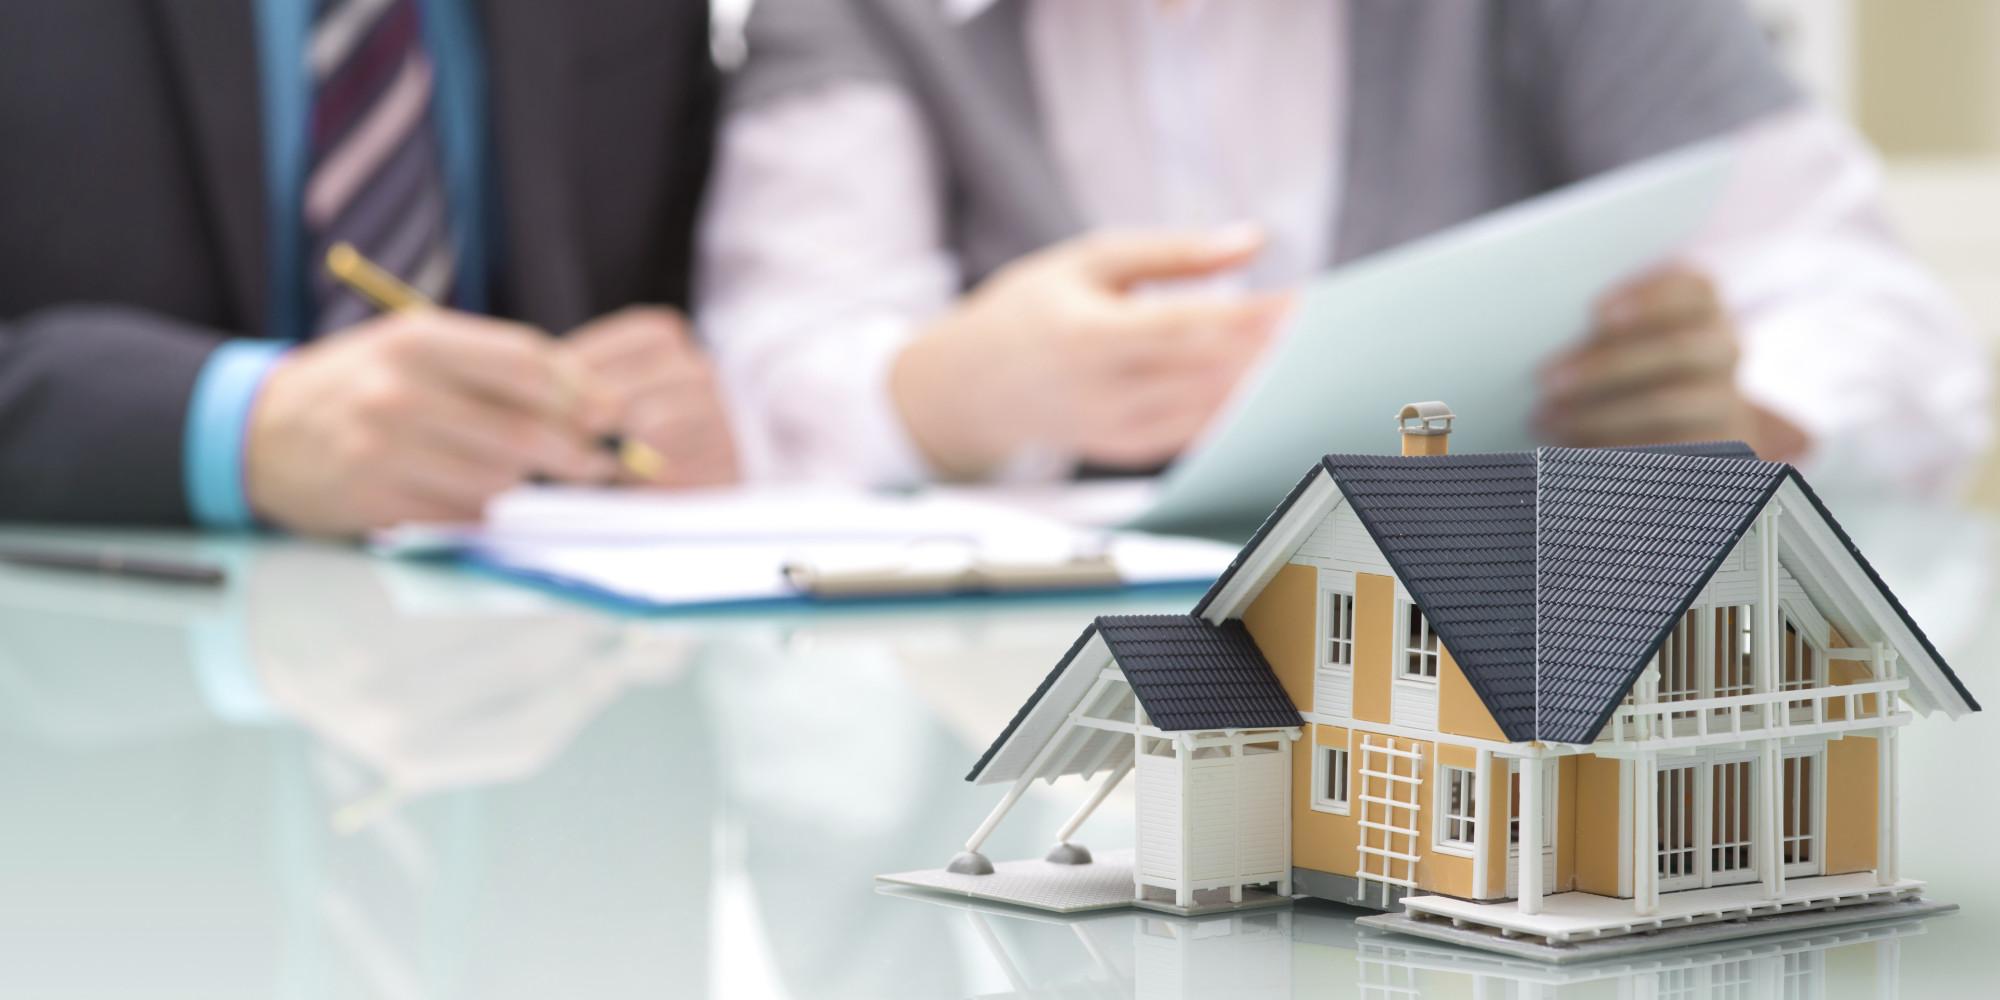 Совместная собственность - как выделить и распорядиться своей 40